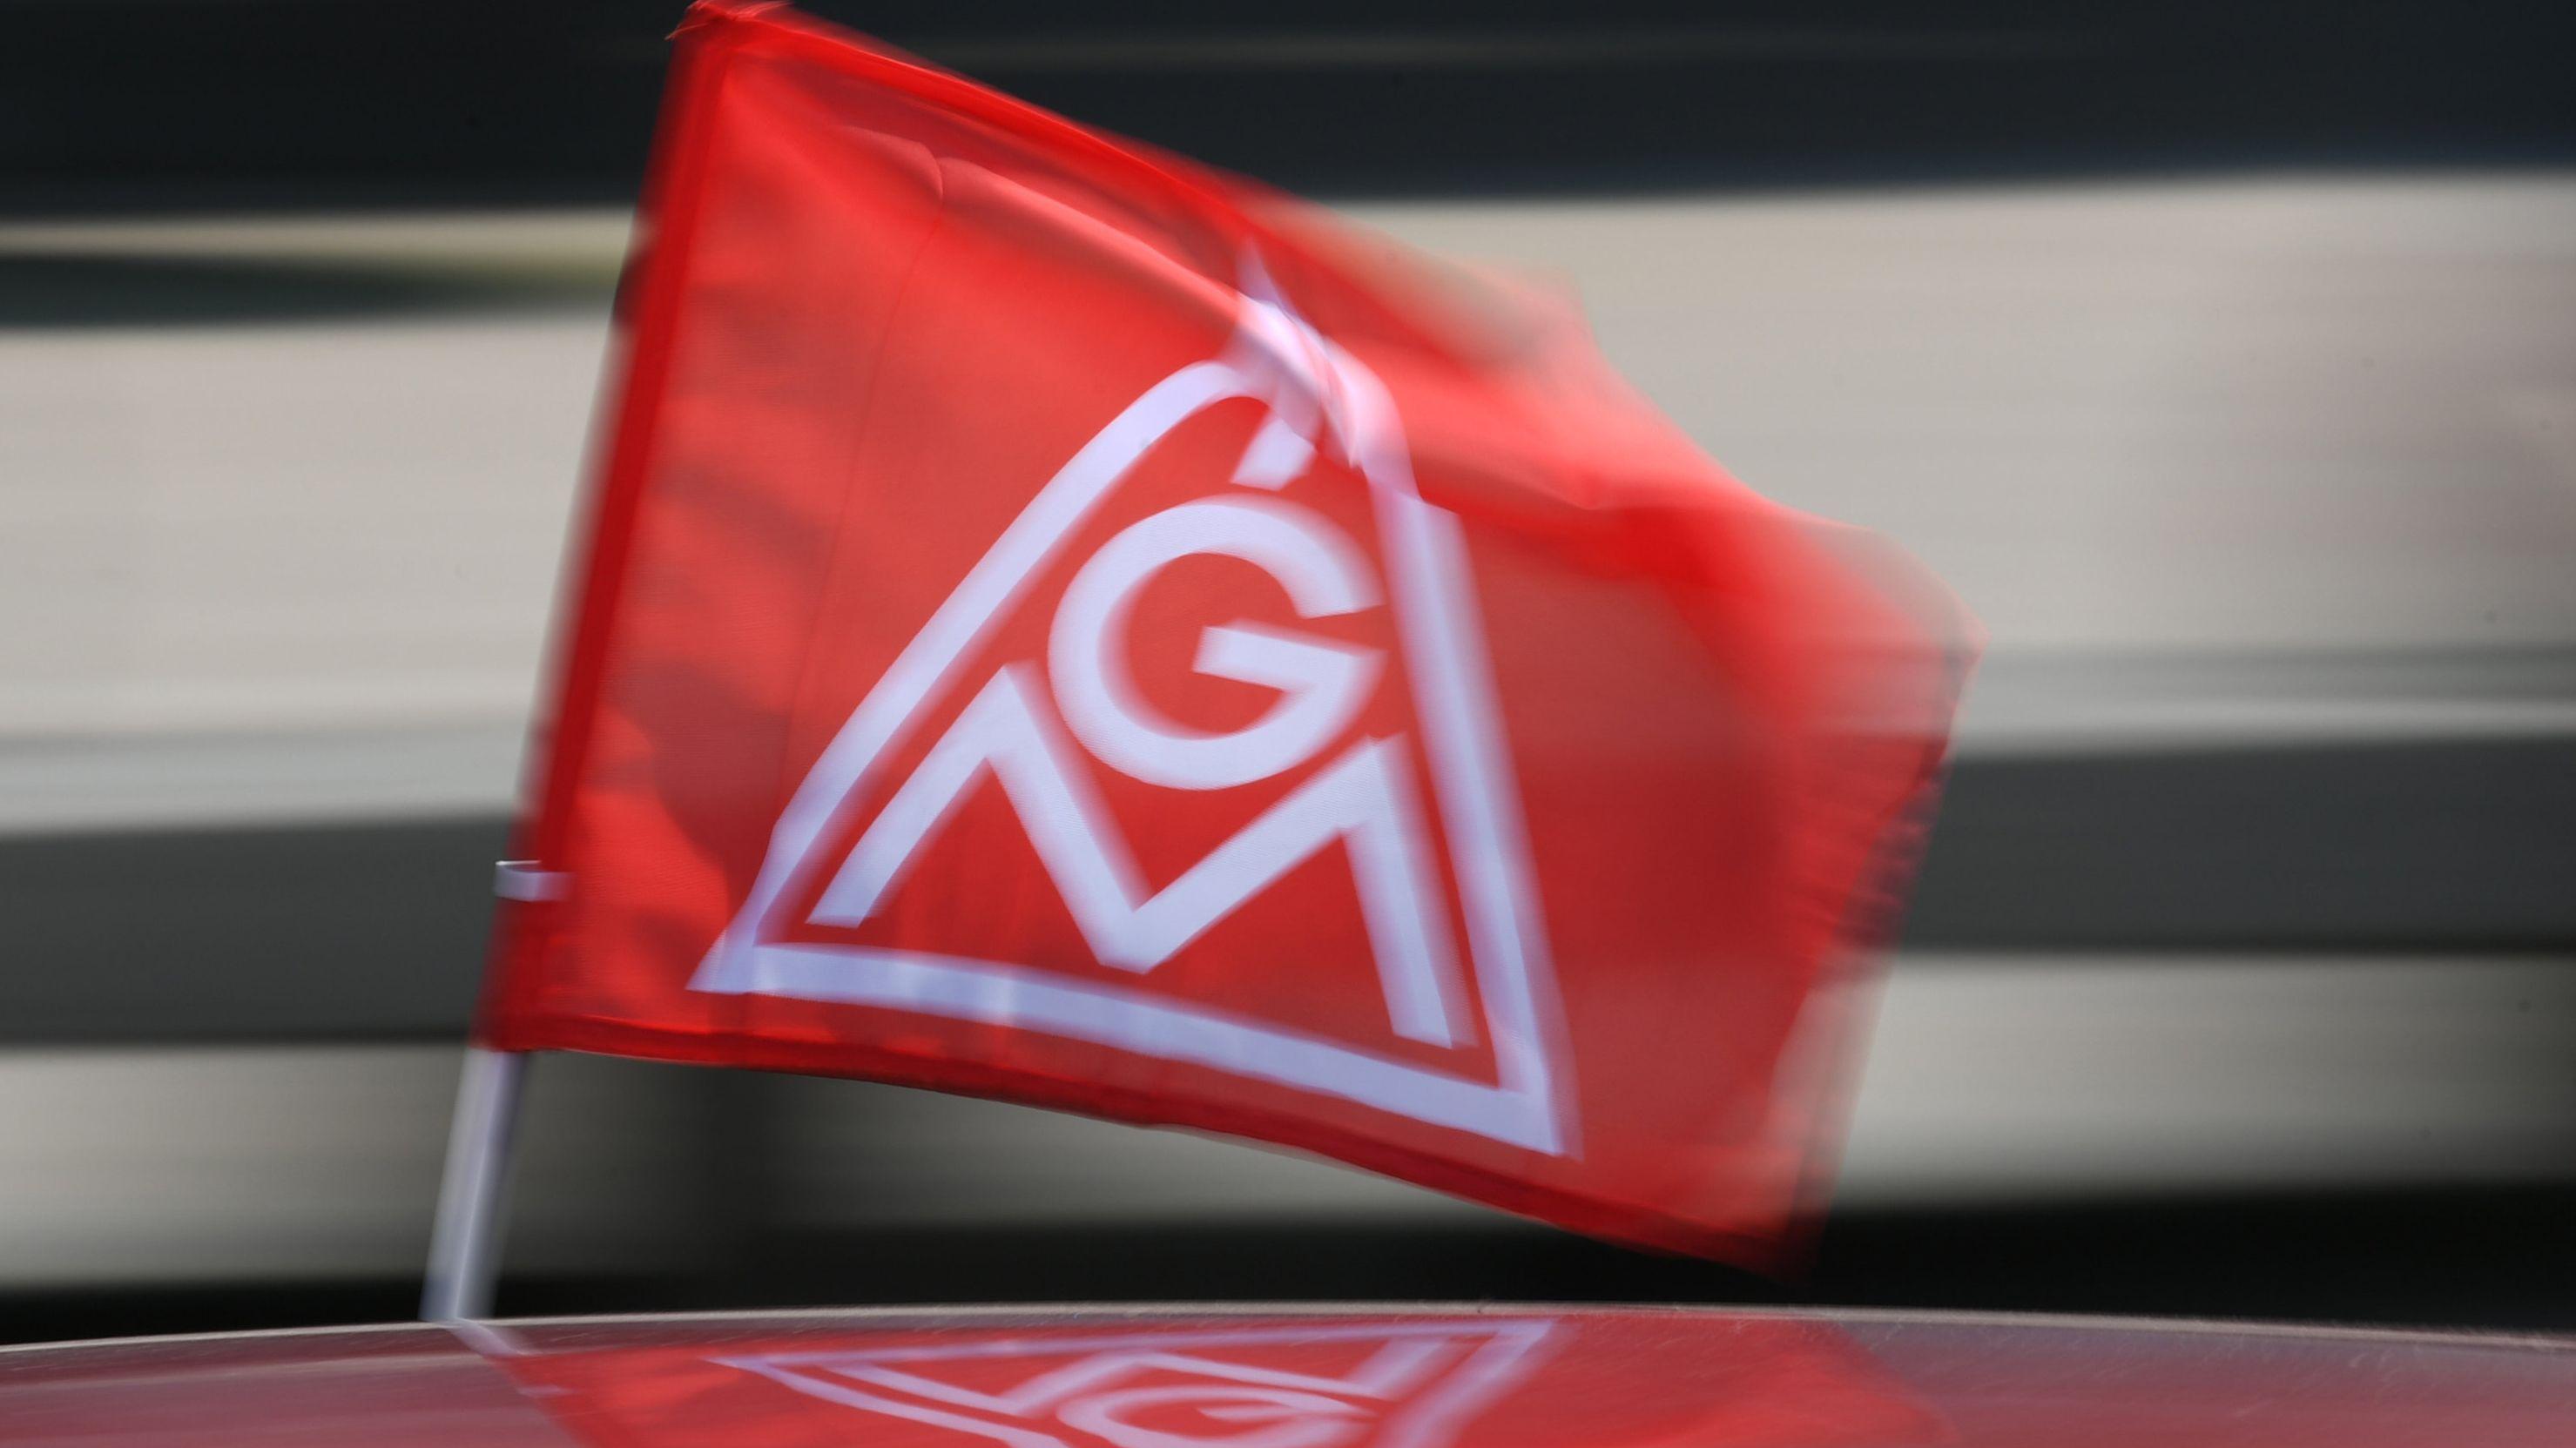 Eine IG Metall-Fahne